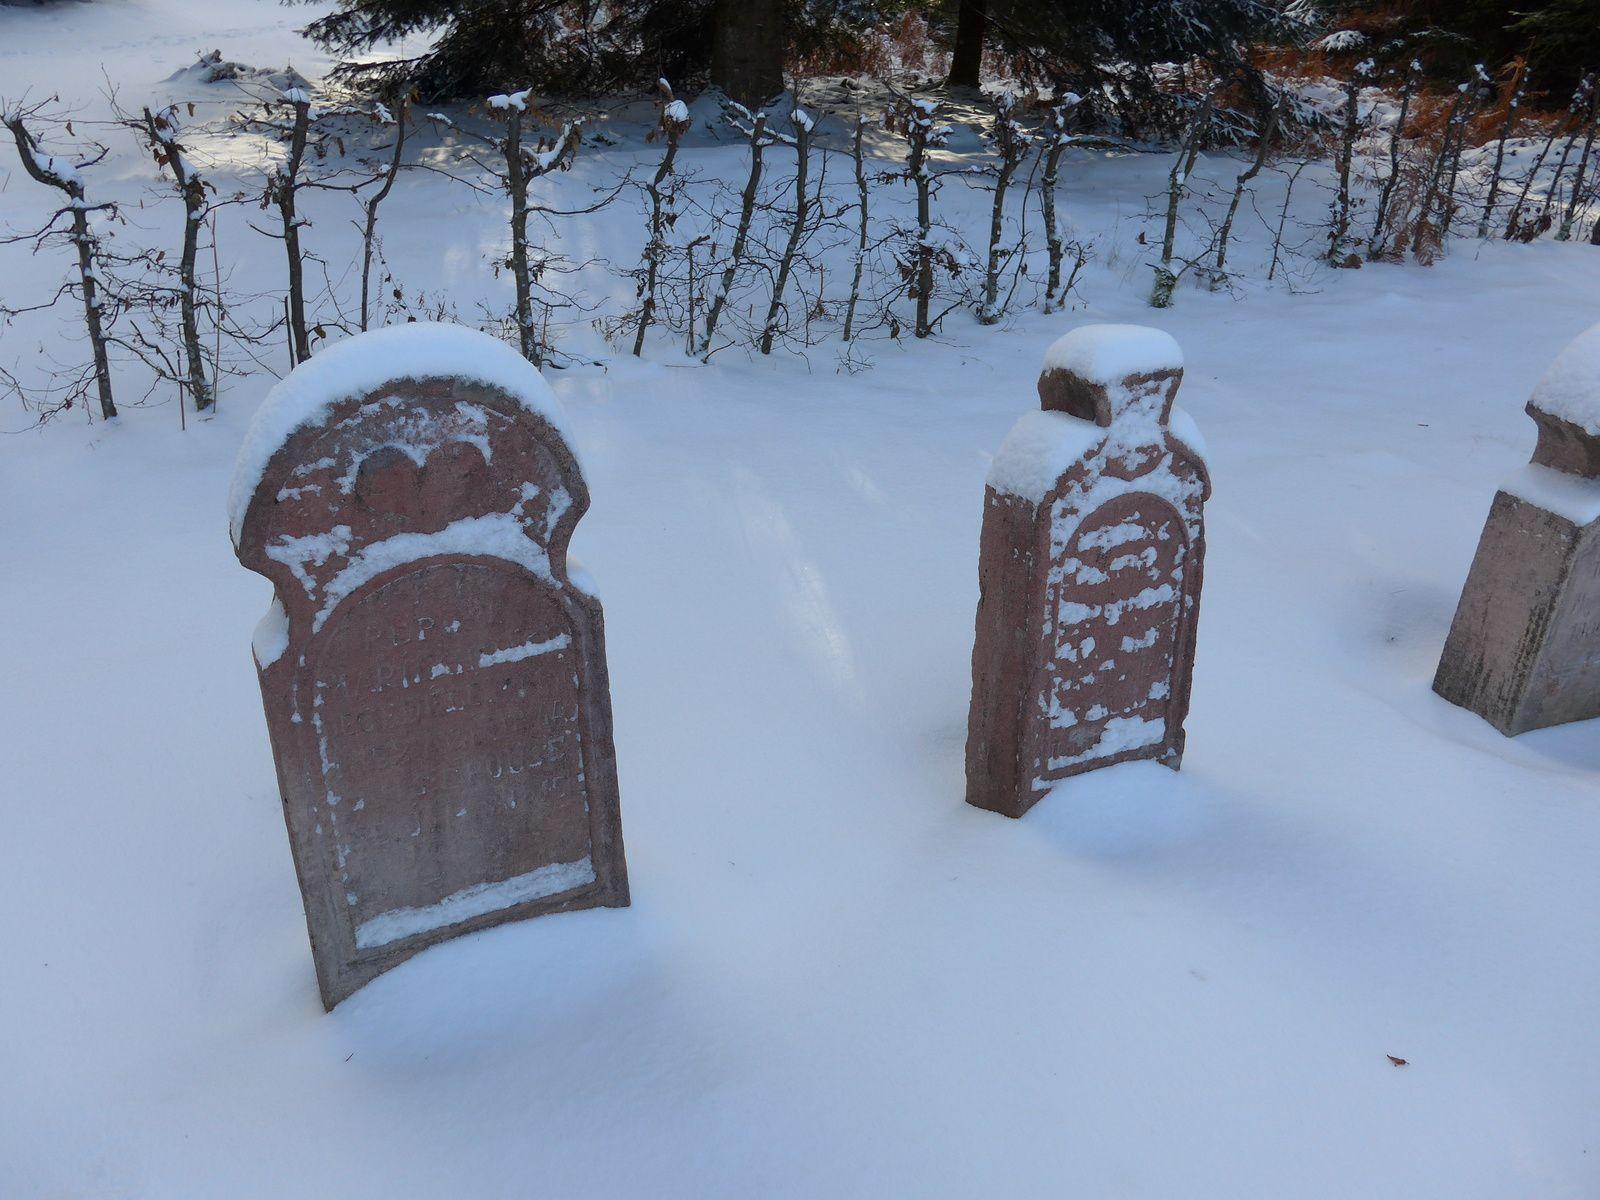 Ce cimetière à Salm est abandonné, en pleine nature